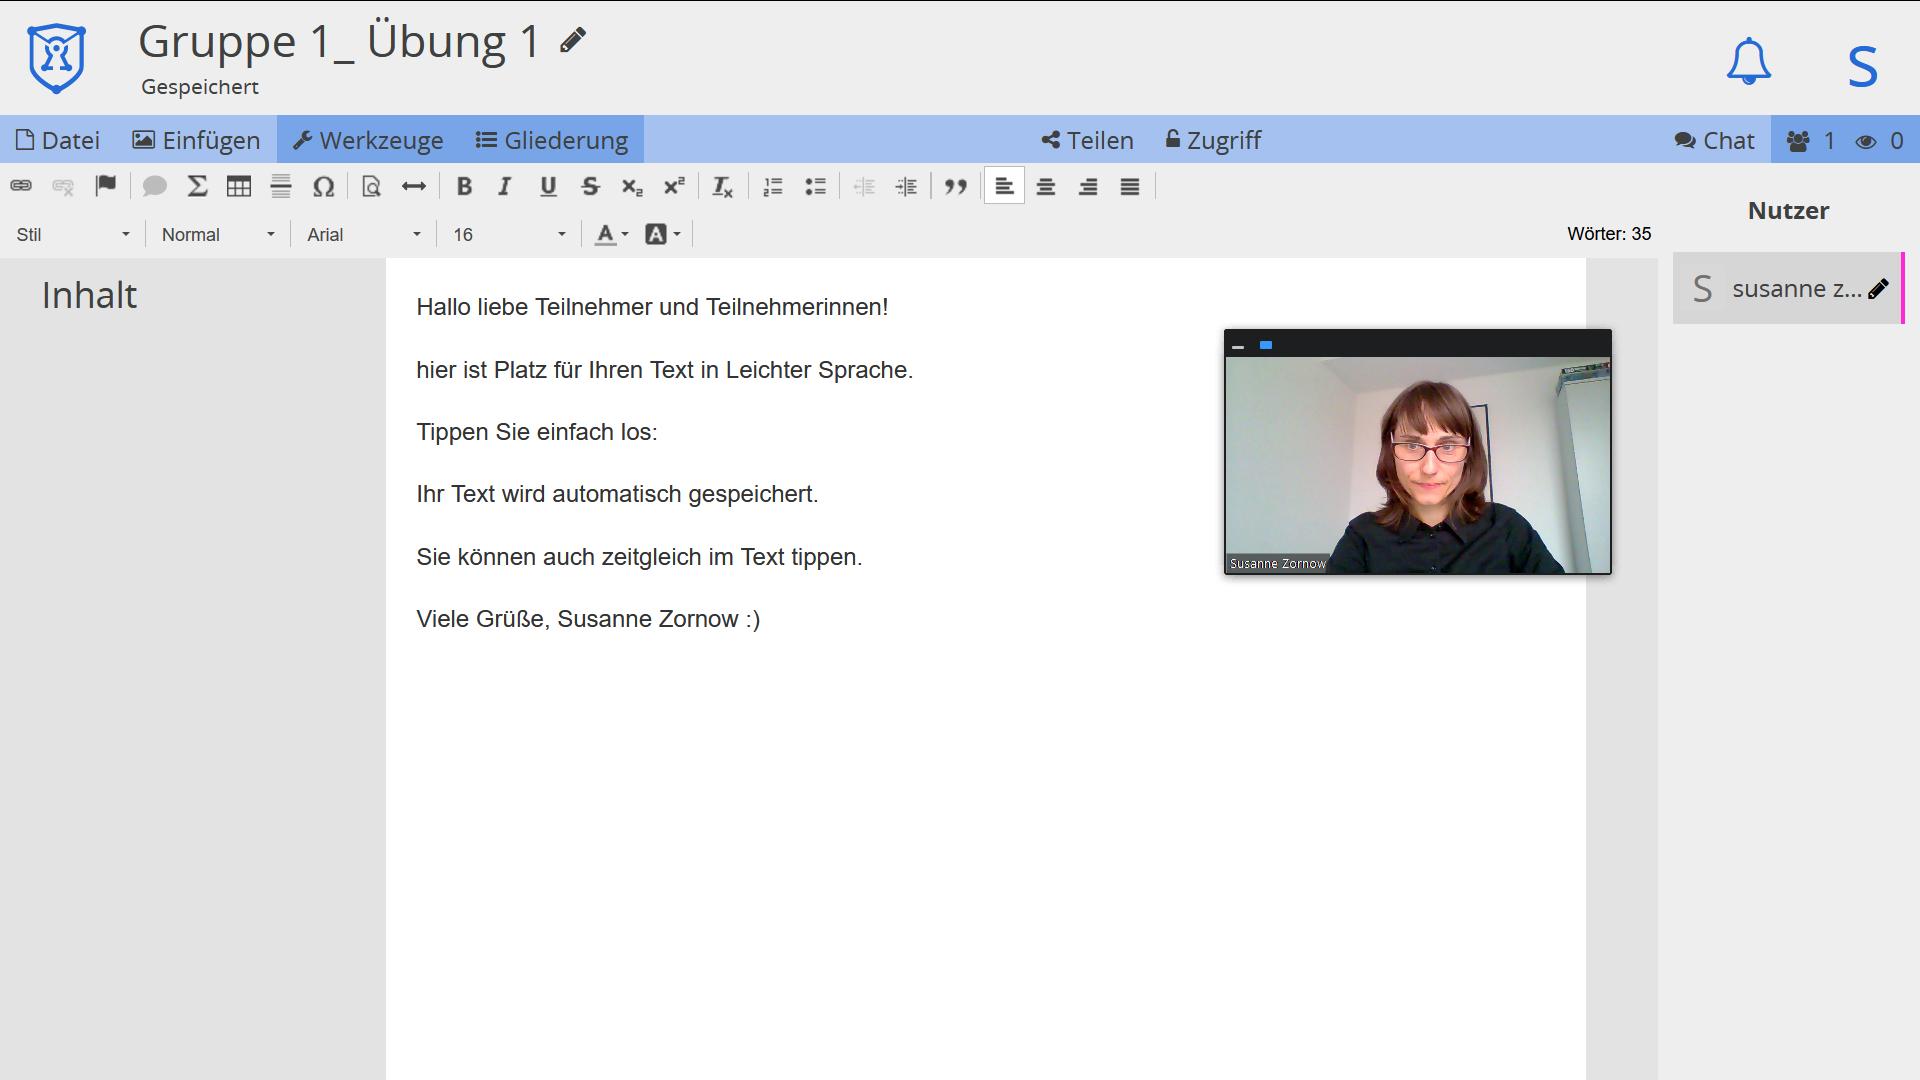 Bildschirmfoto: Schreibübung mit Sprechervideo